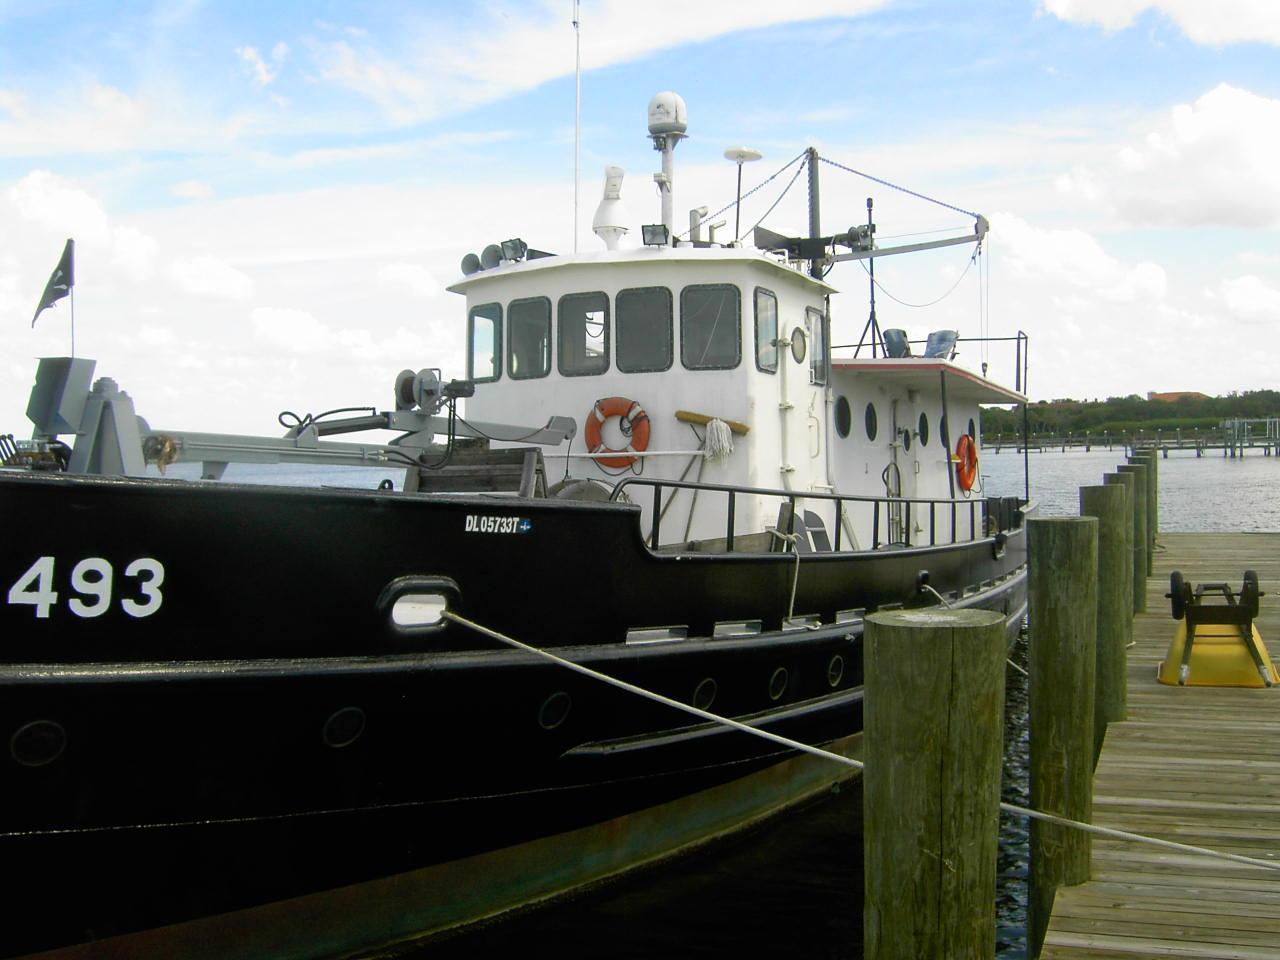 US Army T Boat - Yacht Conversion - Higgins Trawler, Work Boat, Cargo Ship, West Coast